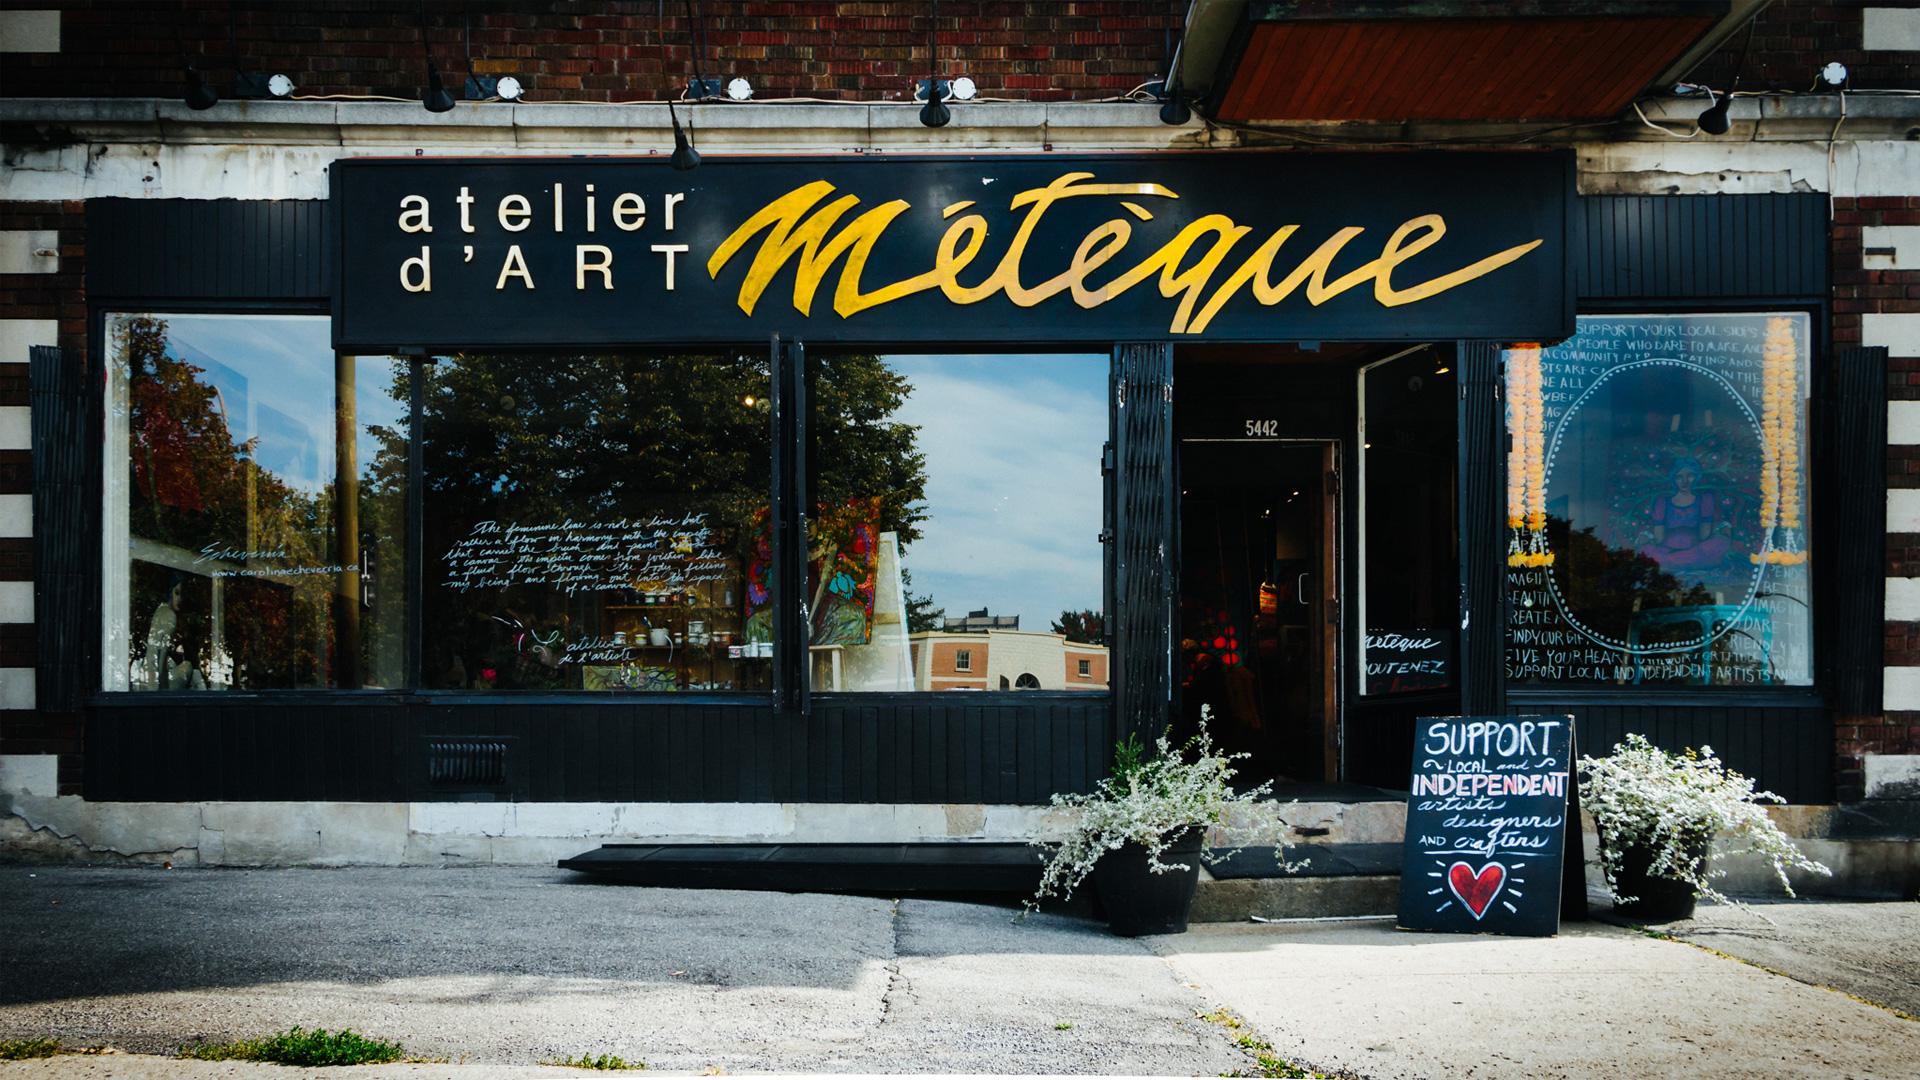 Galerie Métèque:   Native Immigrant, Salon d'Art NDG  5442 Côte Saint Luc